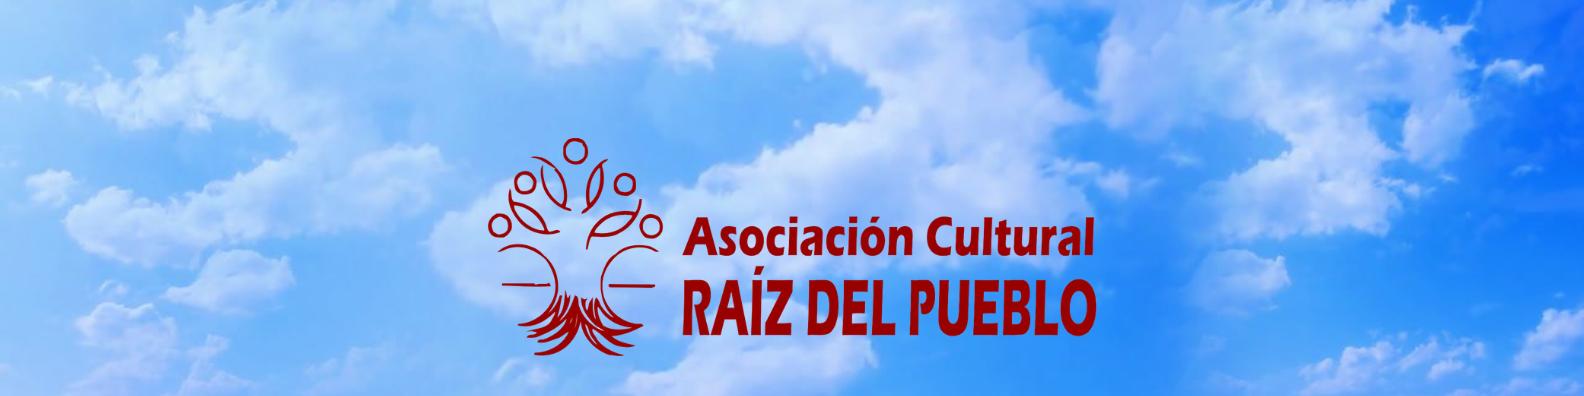 ASOCIACIÓN CULTURAL RAÍZ DEL PUEBLO